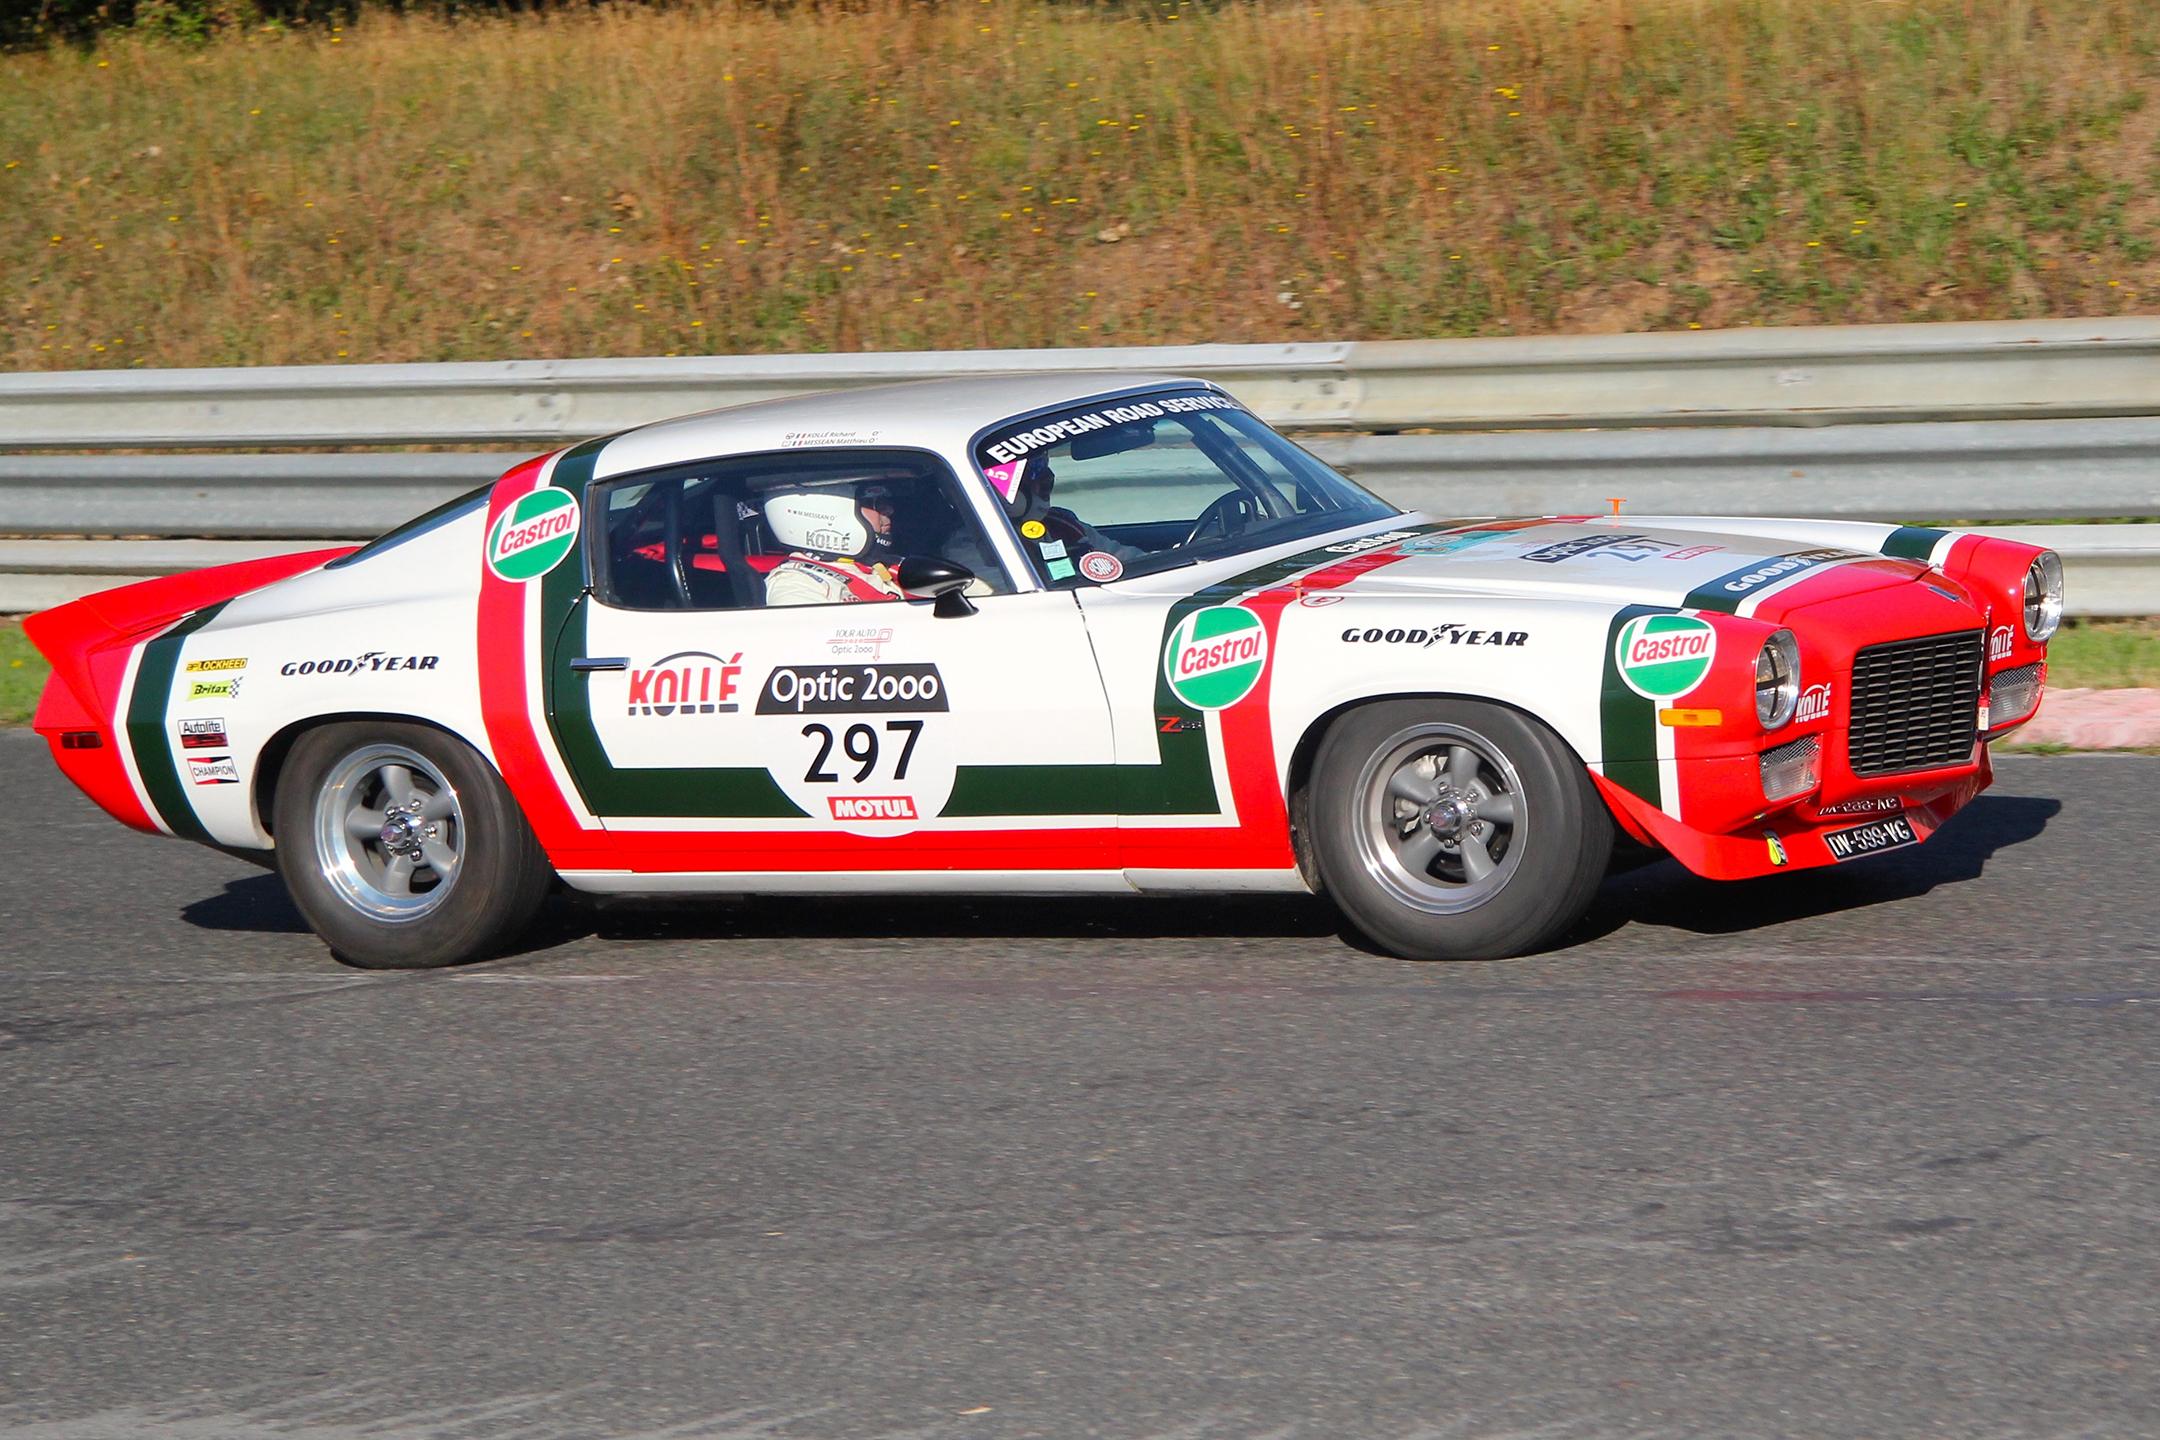 Chevrolet Camaro Z28 1970 - Autodrome de Linas-Monthléry - Tour Auto 2020 - photo Ludo Ferrari